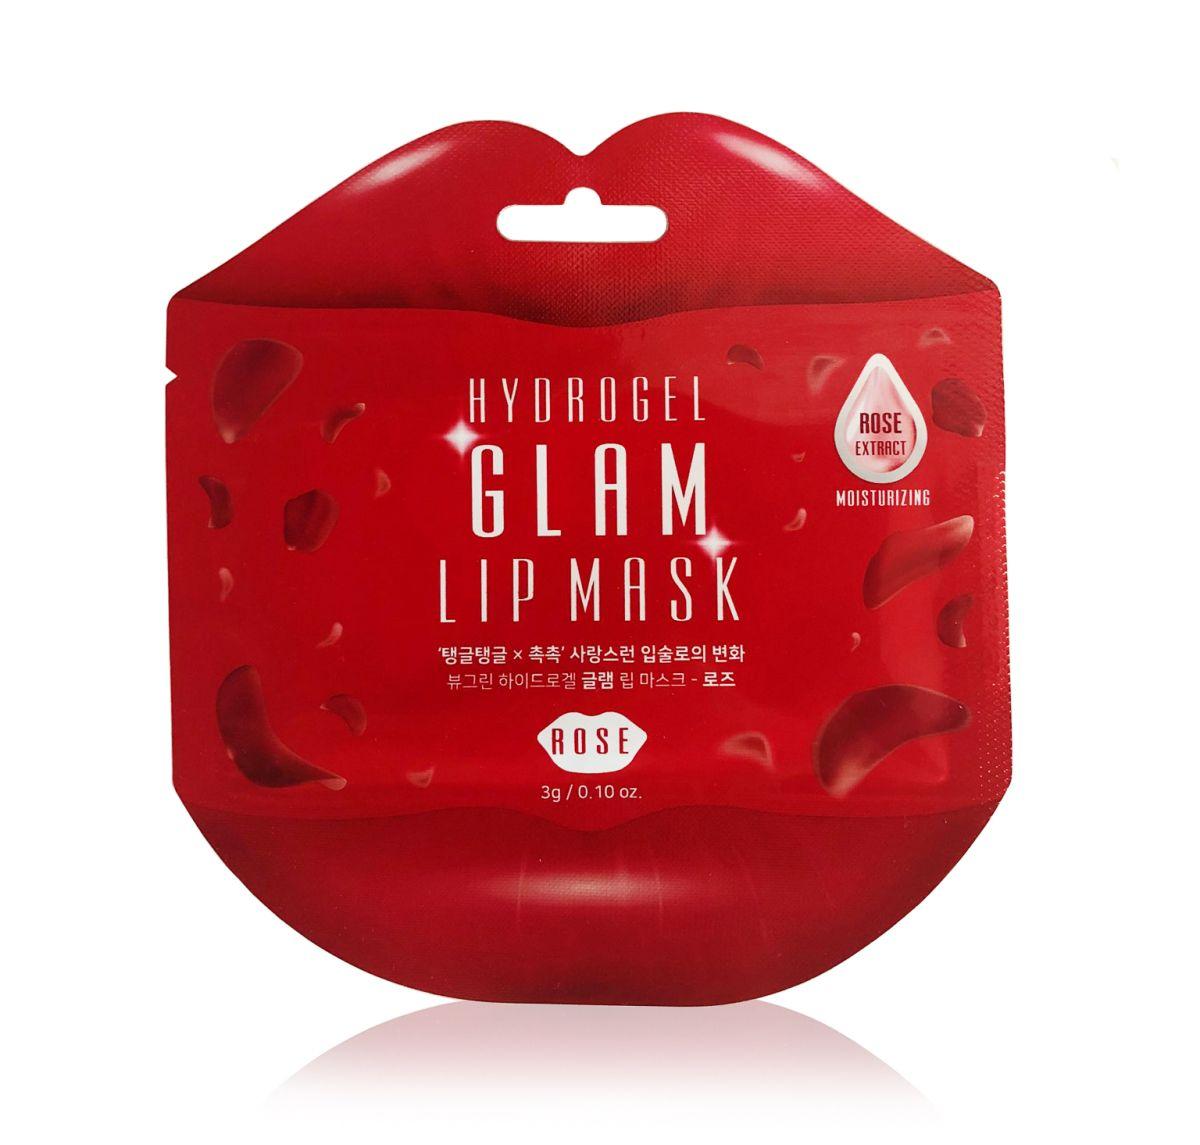 Гидрогелевые патчи для губ с розой Beauugreen Hydrogel Glam Lip Mask Rose - 3 гр